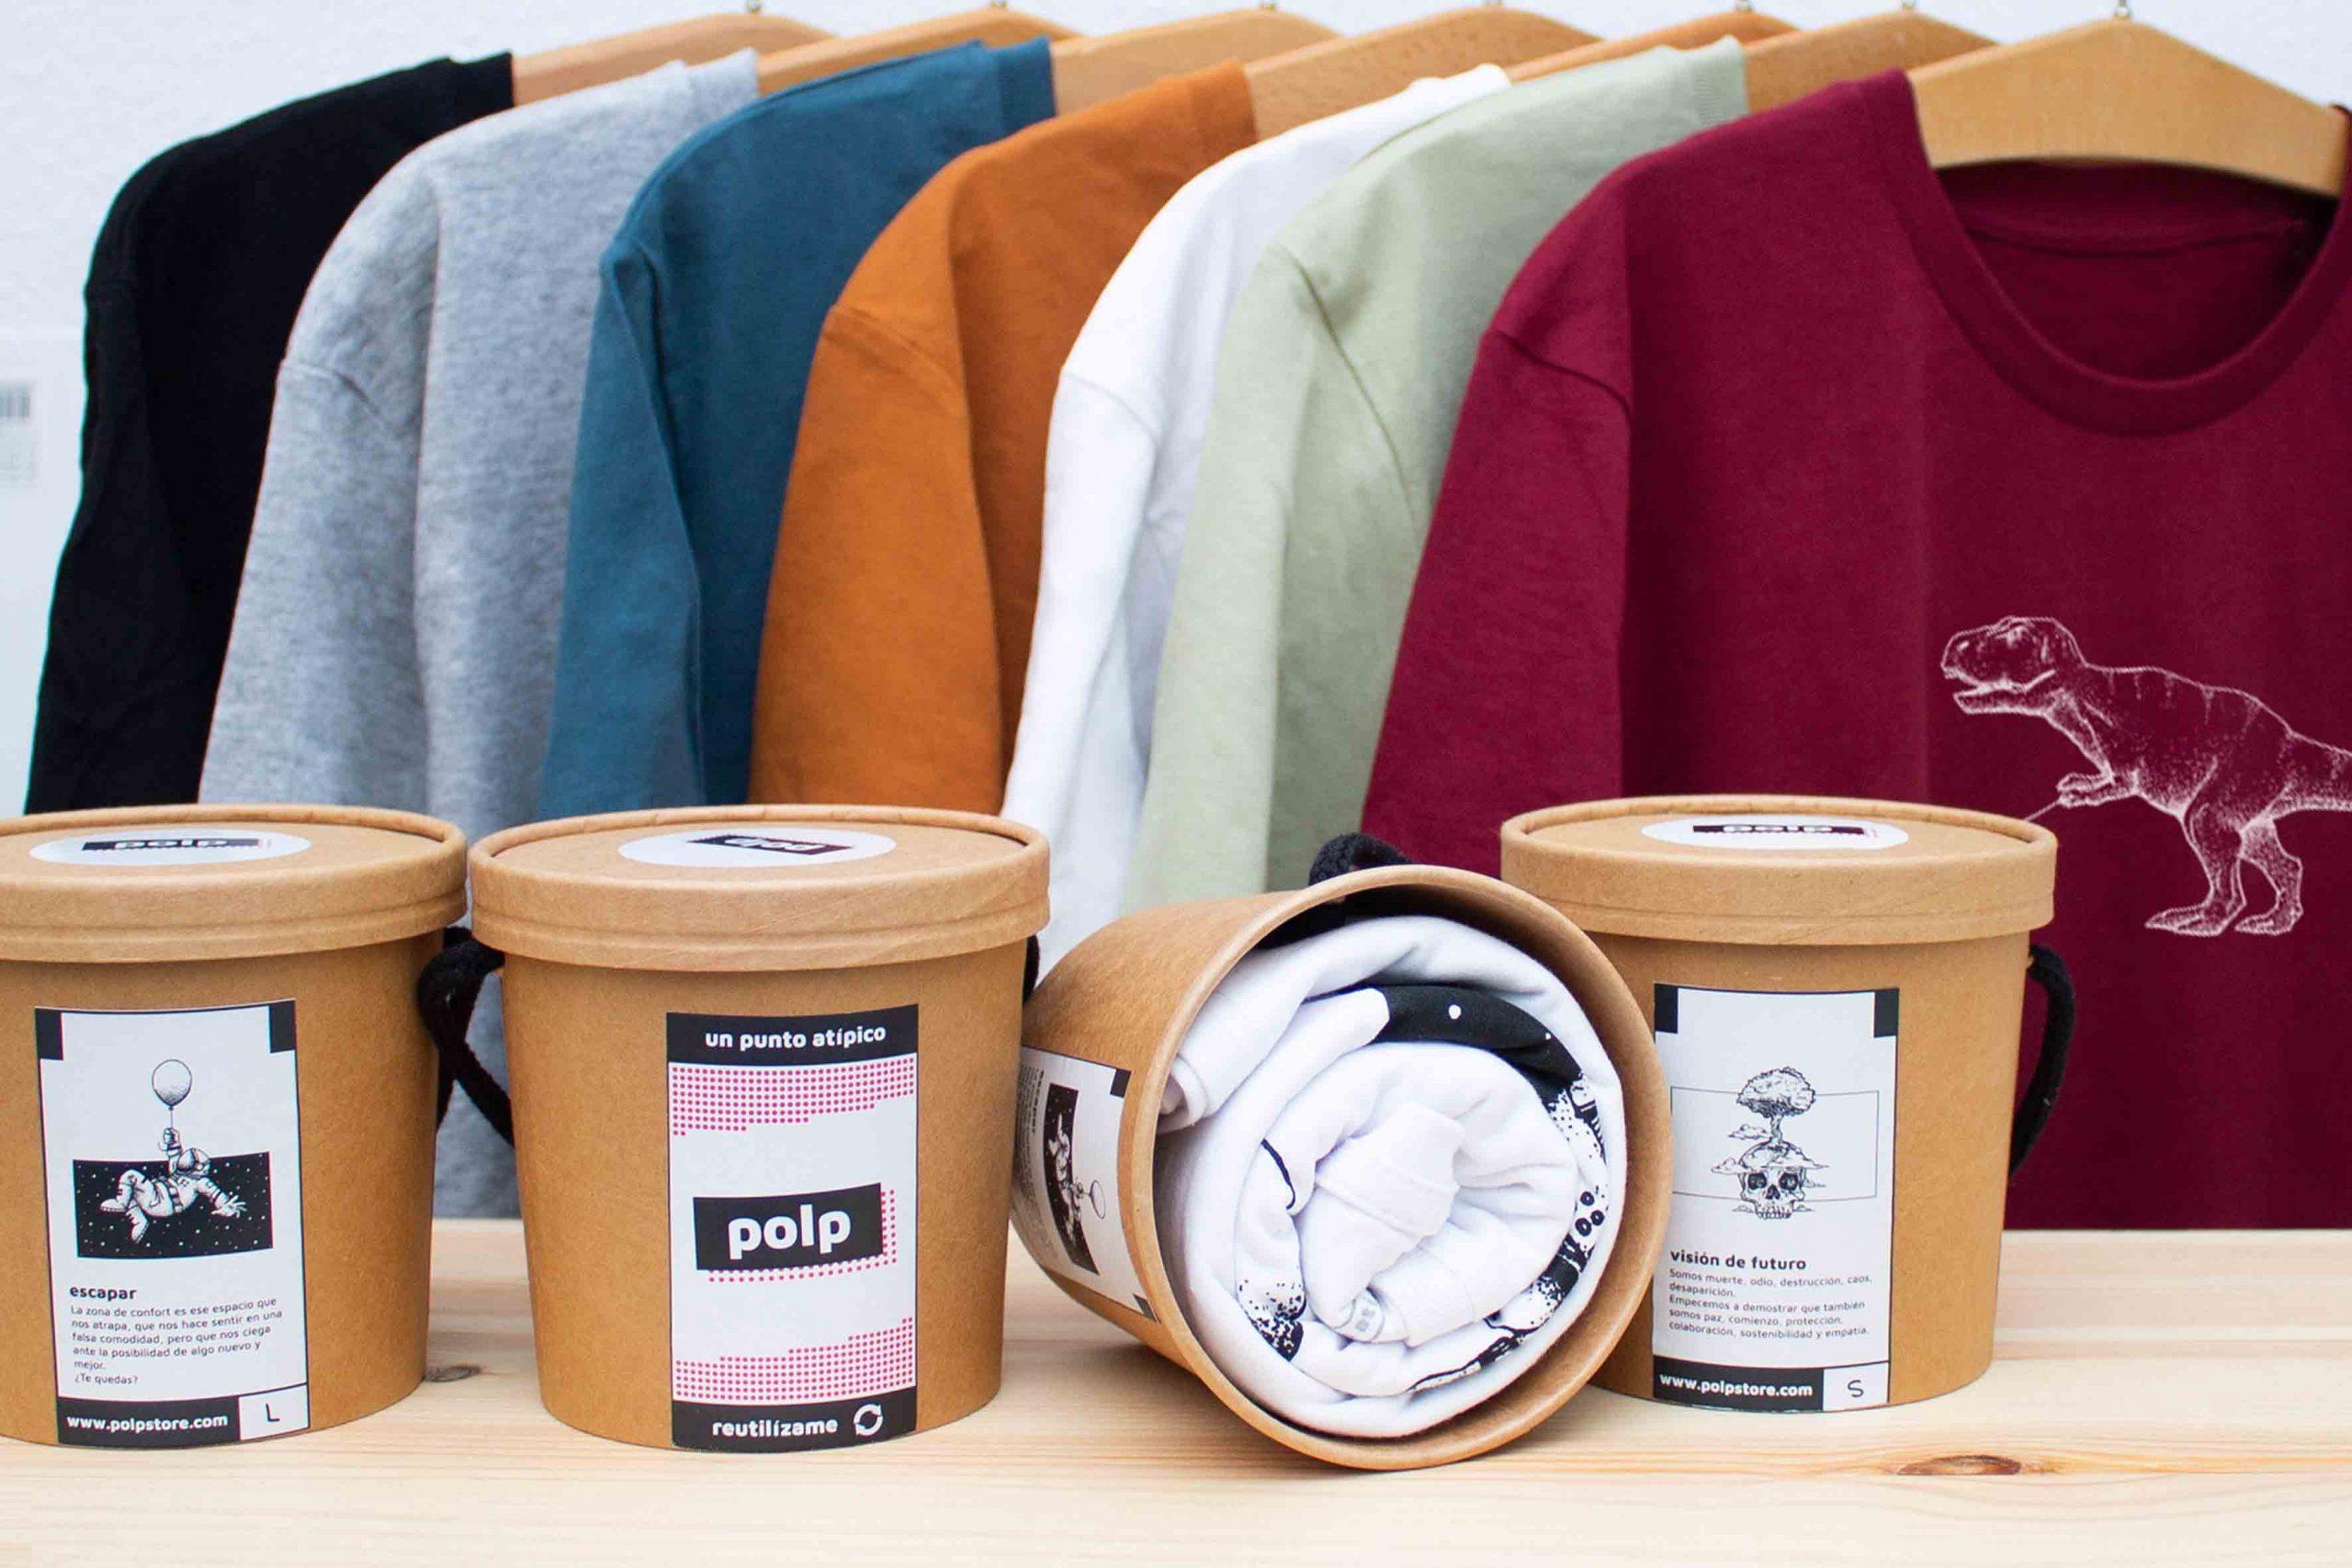 Así es Polp.Camisetas orgánicas ilustradas y envases reutilizables